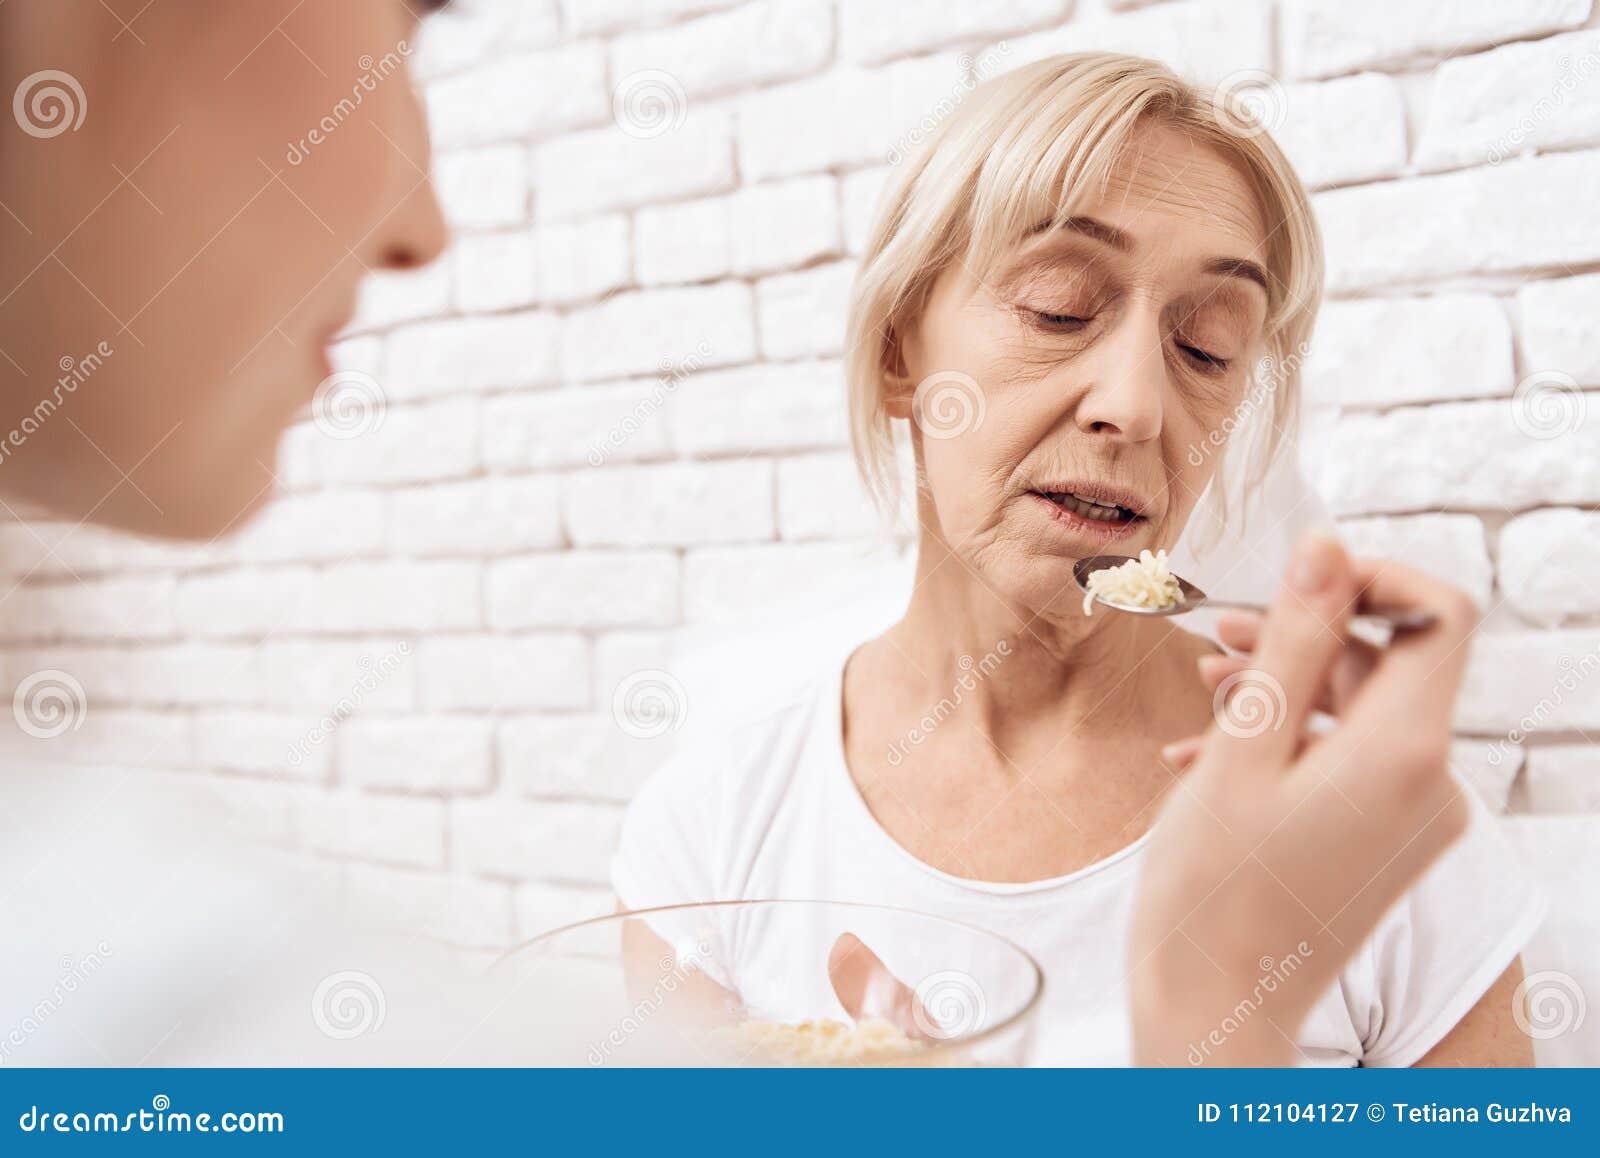 La fille soigne la femme agée à la maison La fille aide la femme avec la nourriture